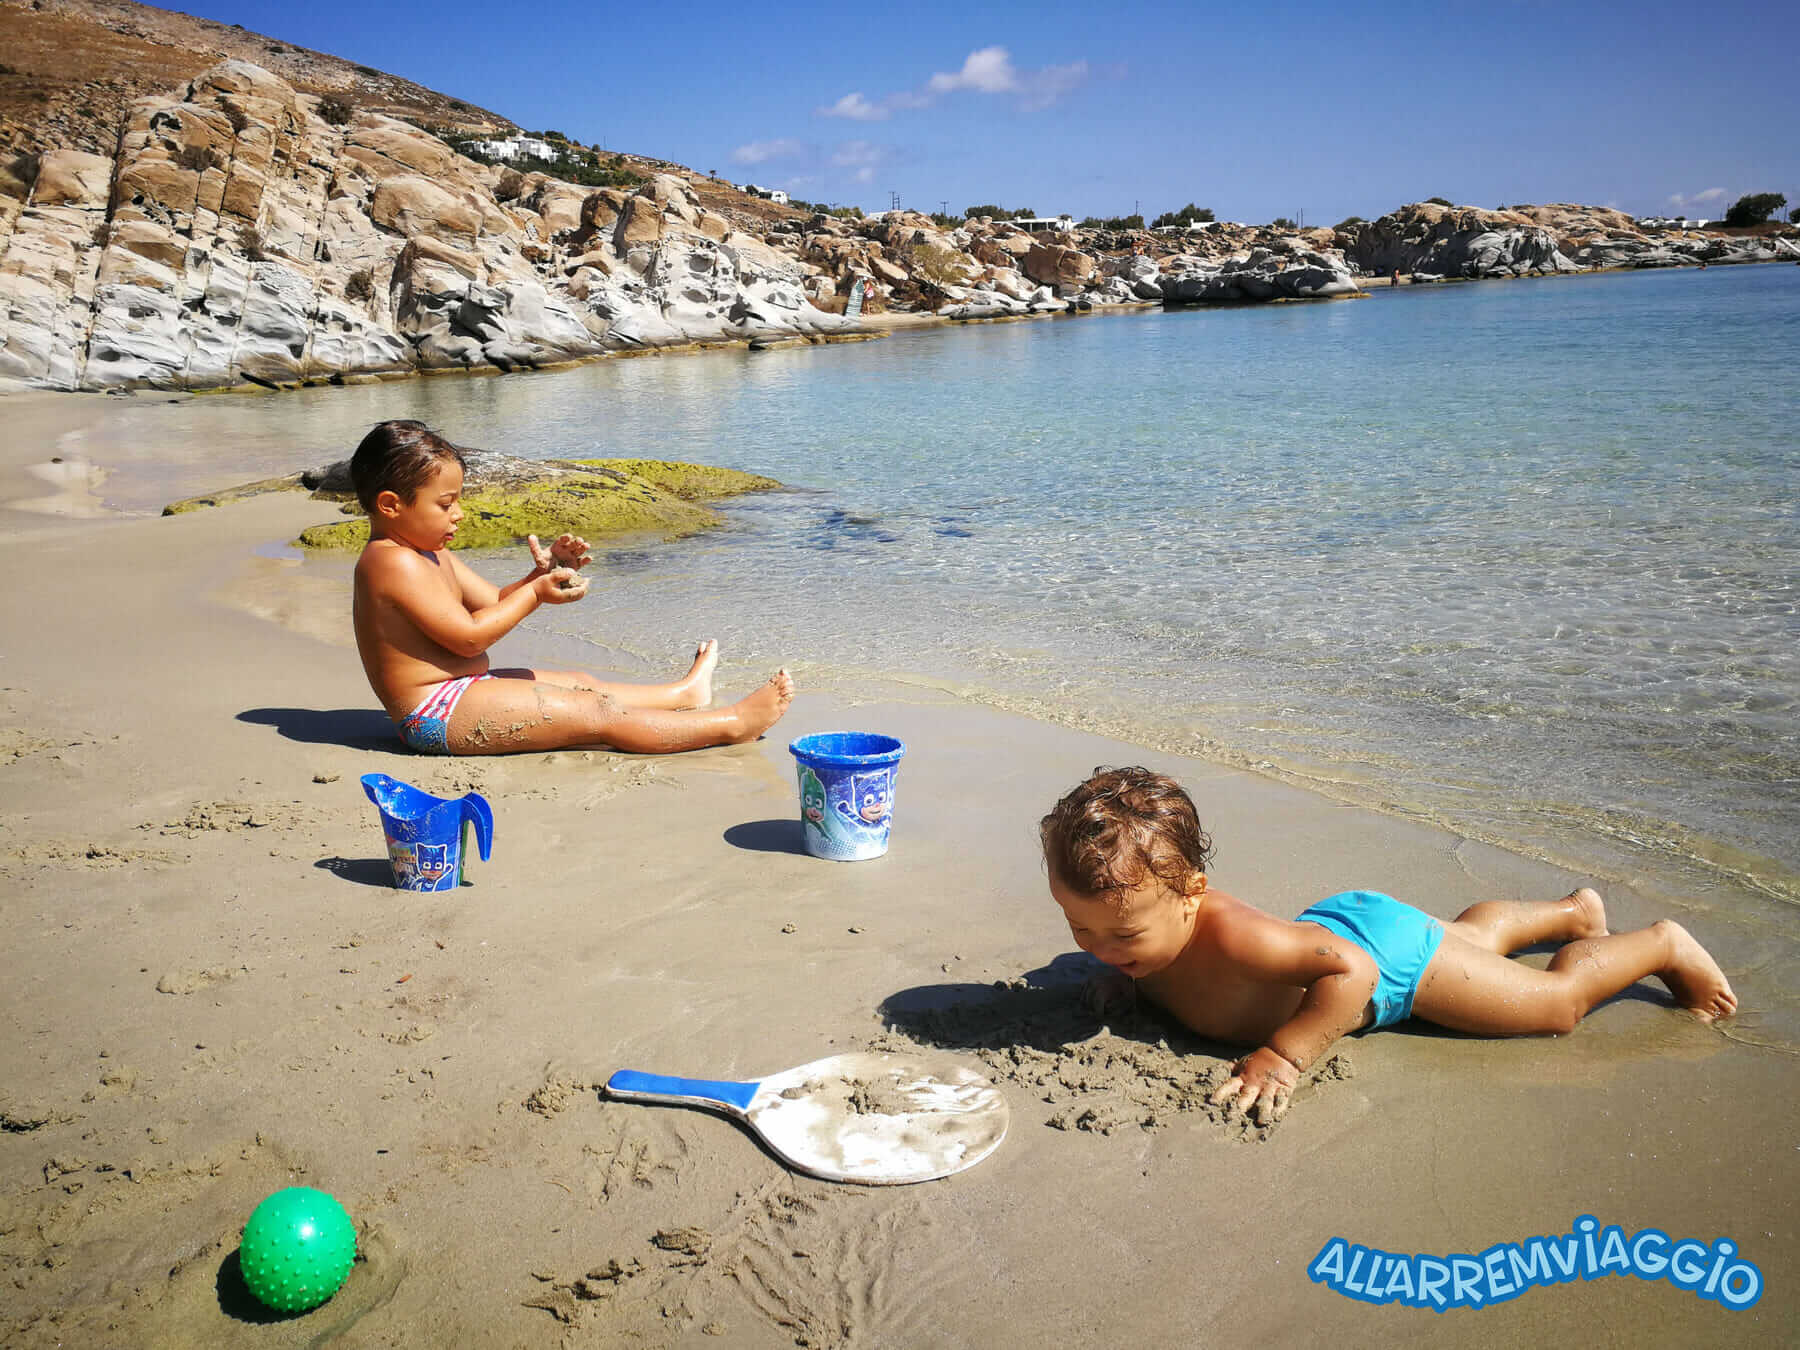 viaggiare_low_cost_con_bambini